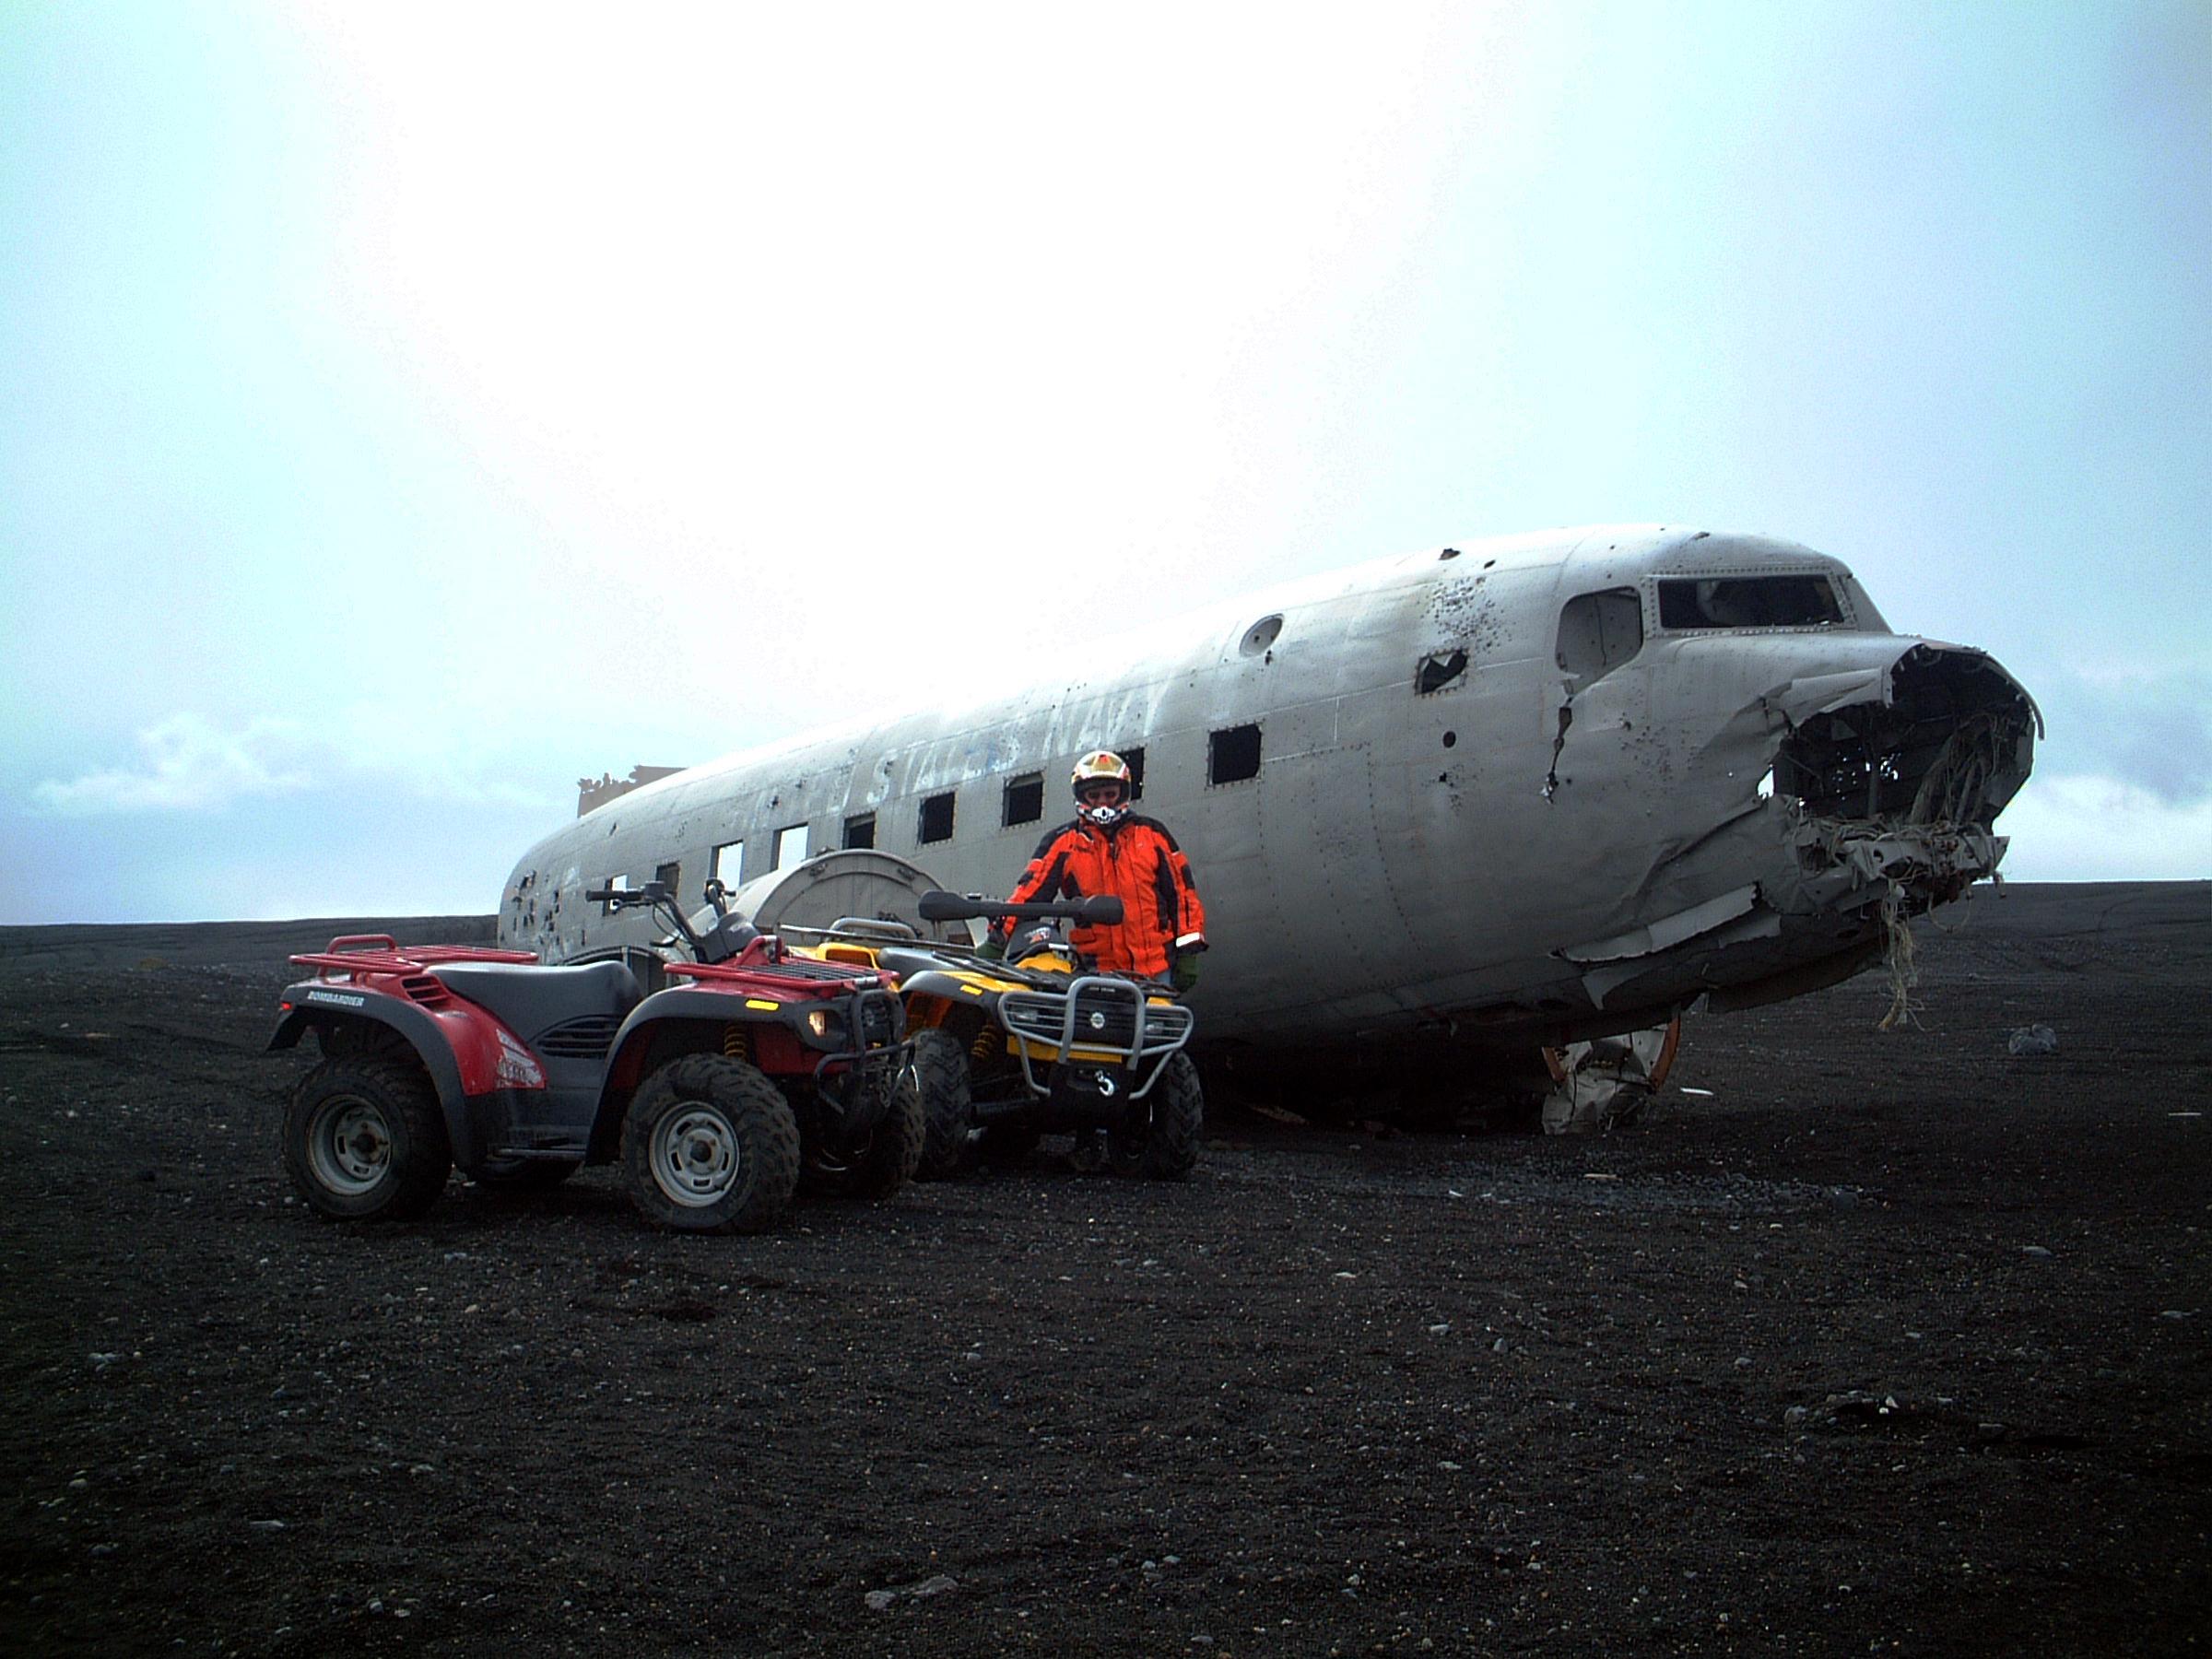 Kjør en kraftig ATV til DC3-flyvraket.